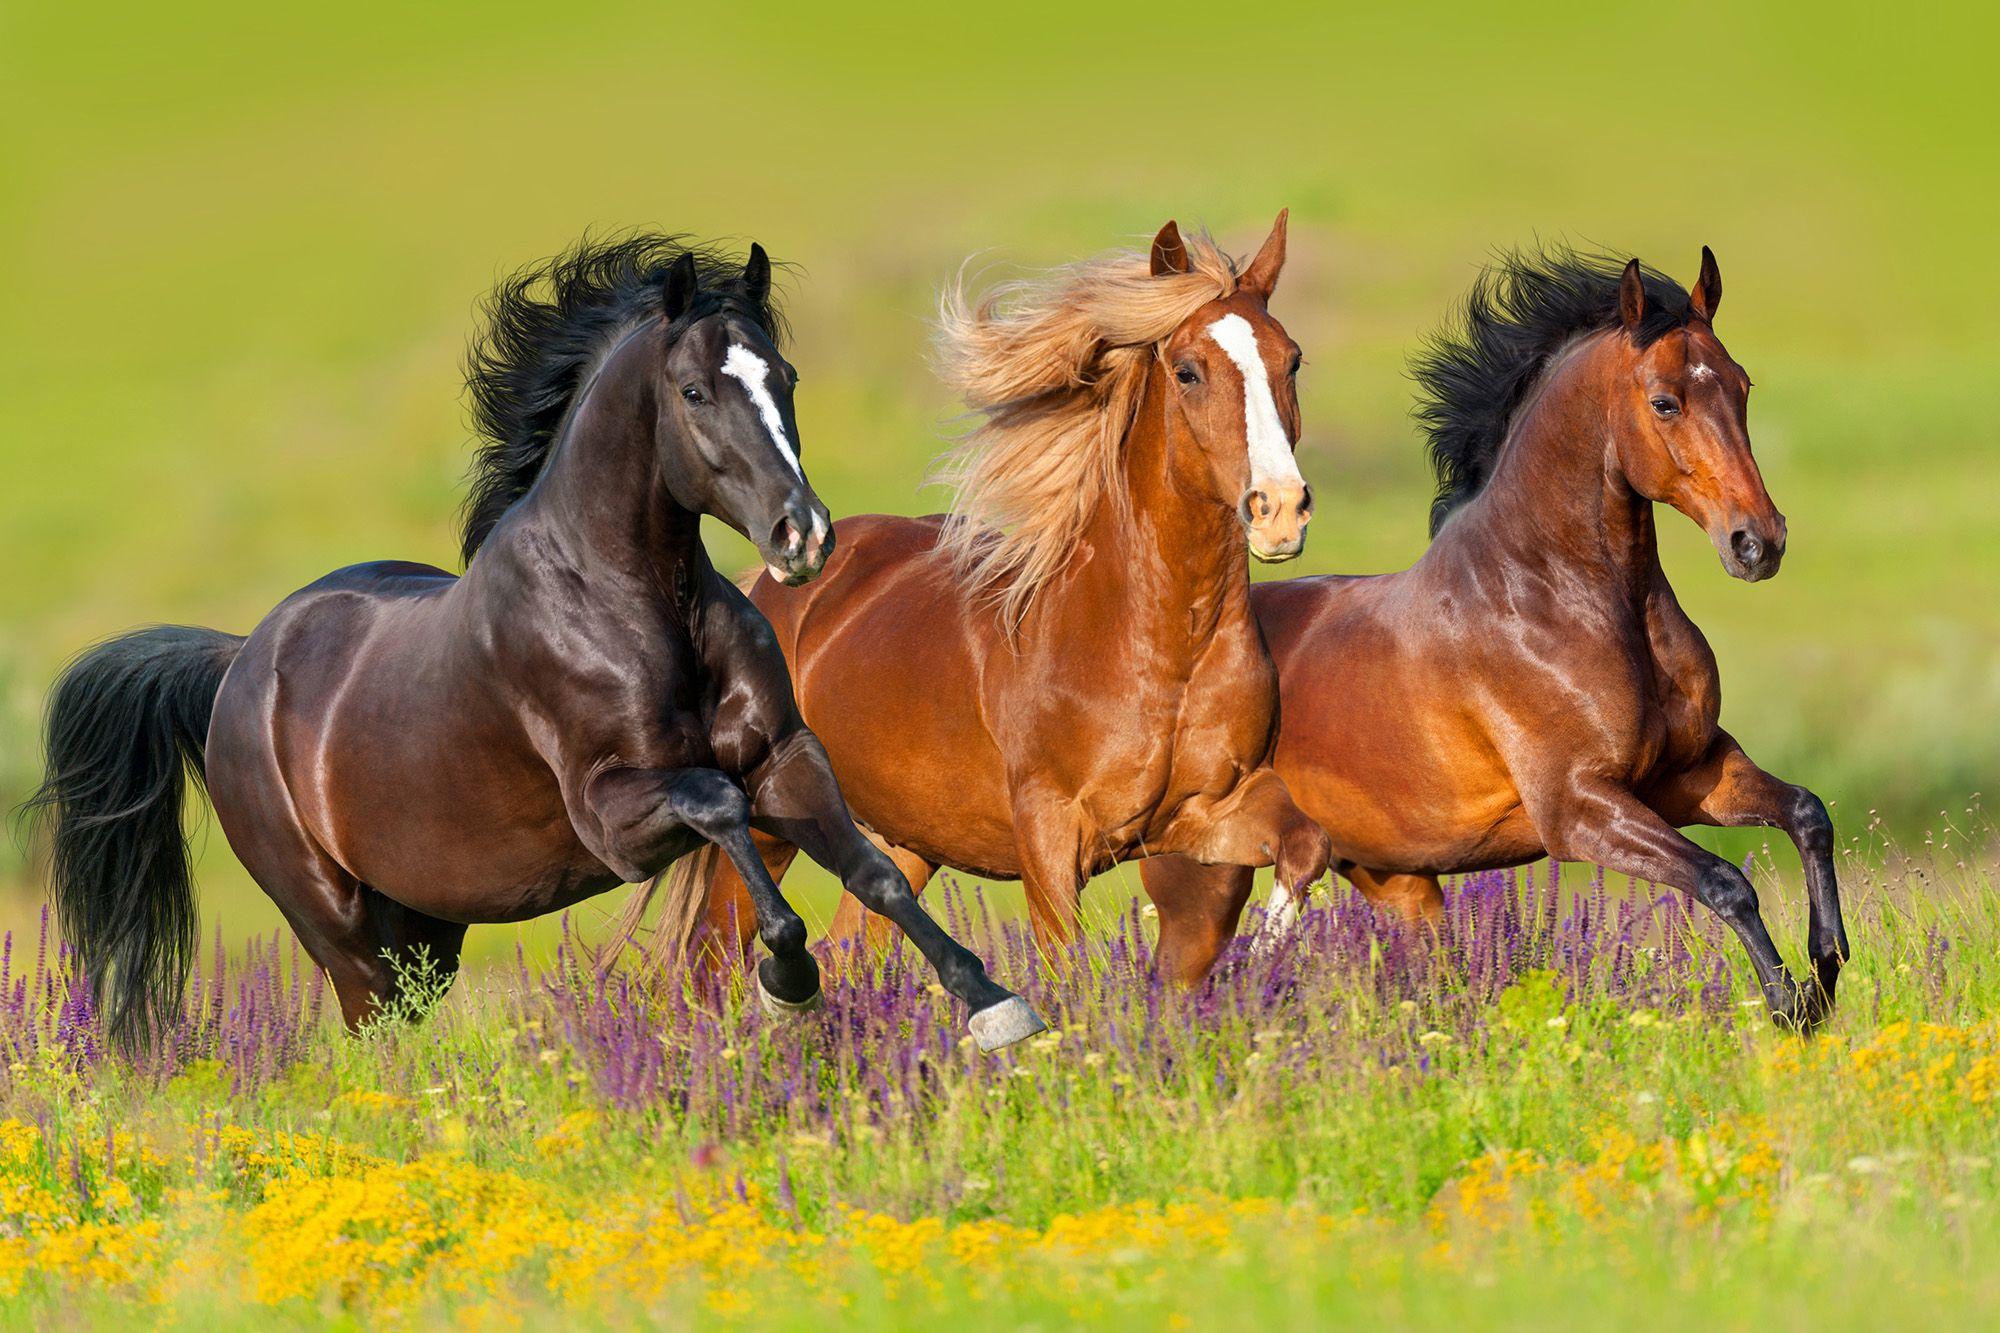 خرید اسب شیراز | باشگاه سوارکاری ماهان